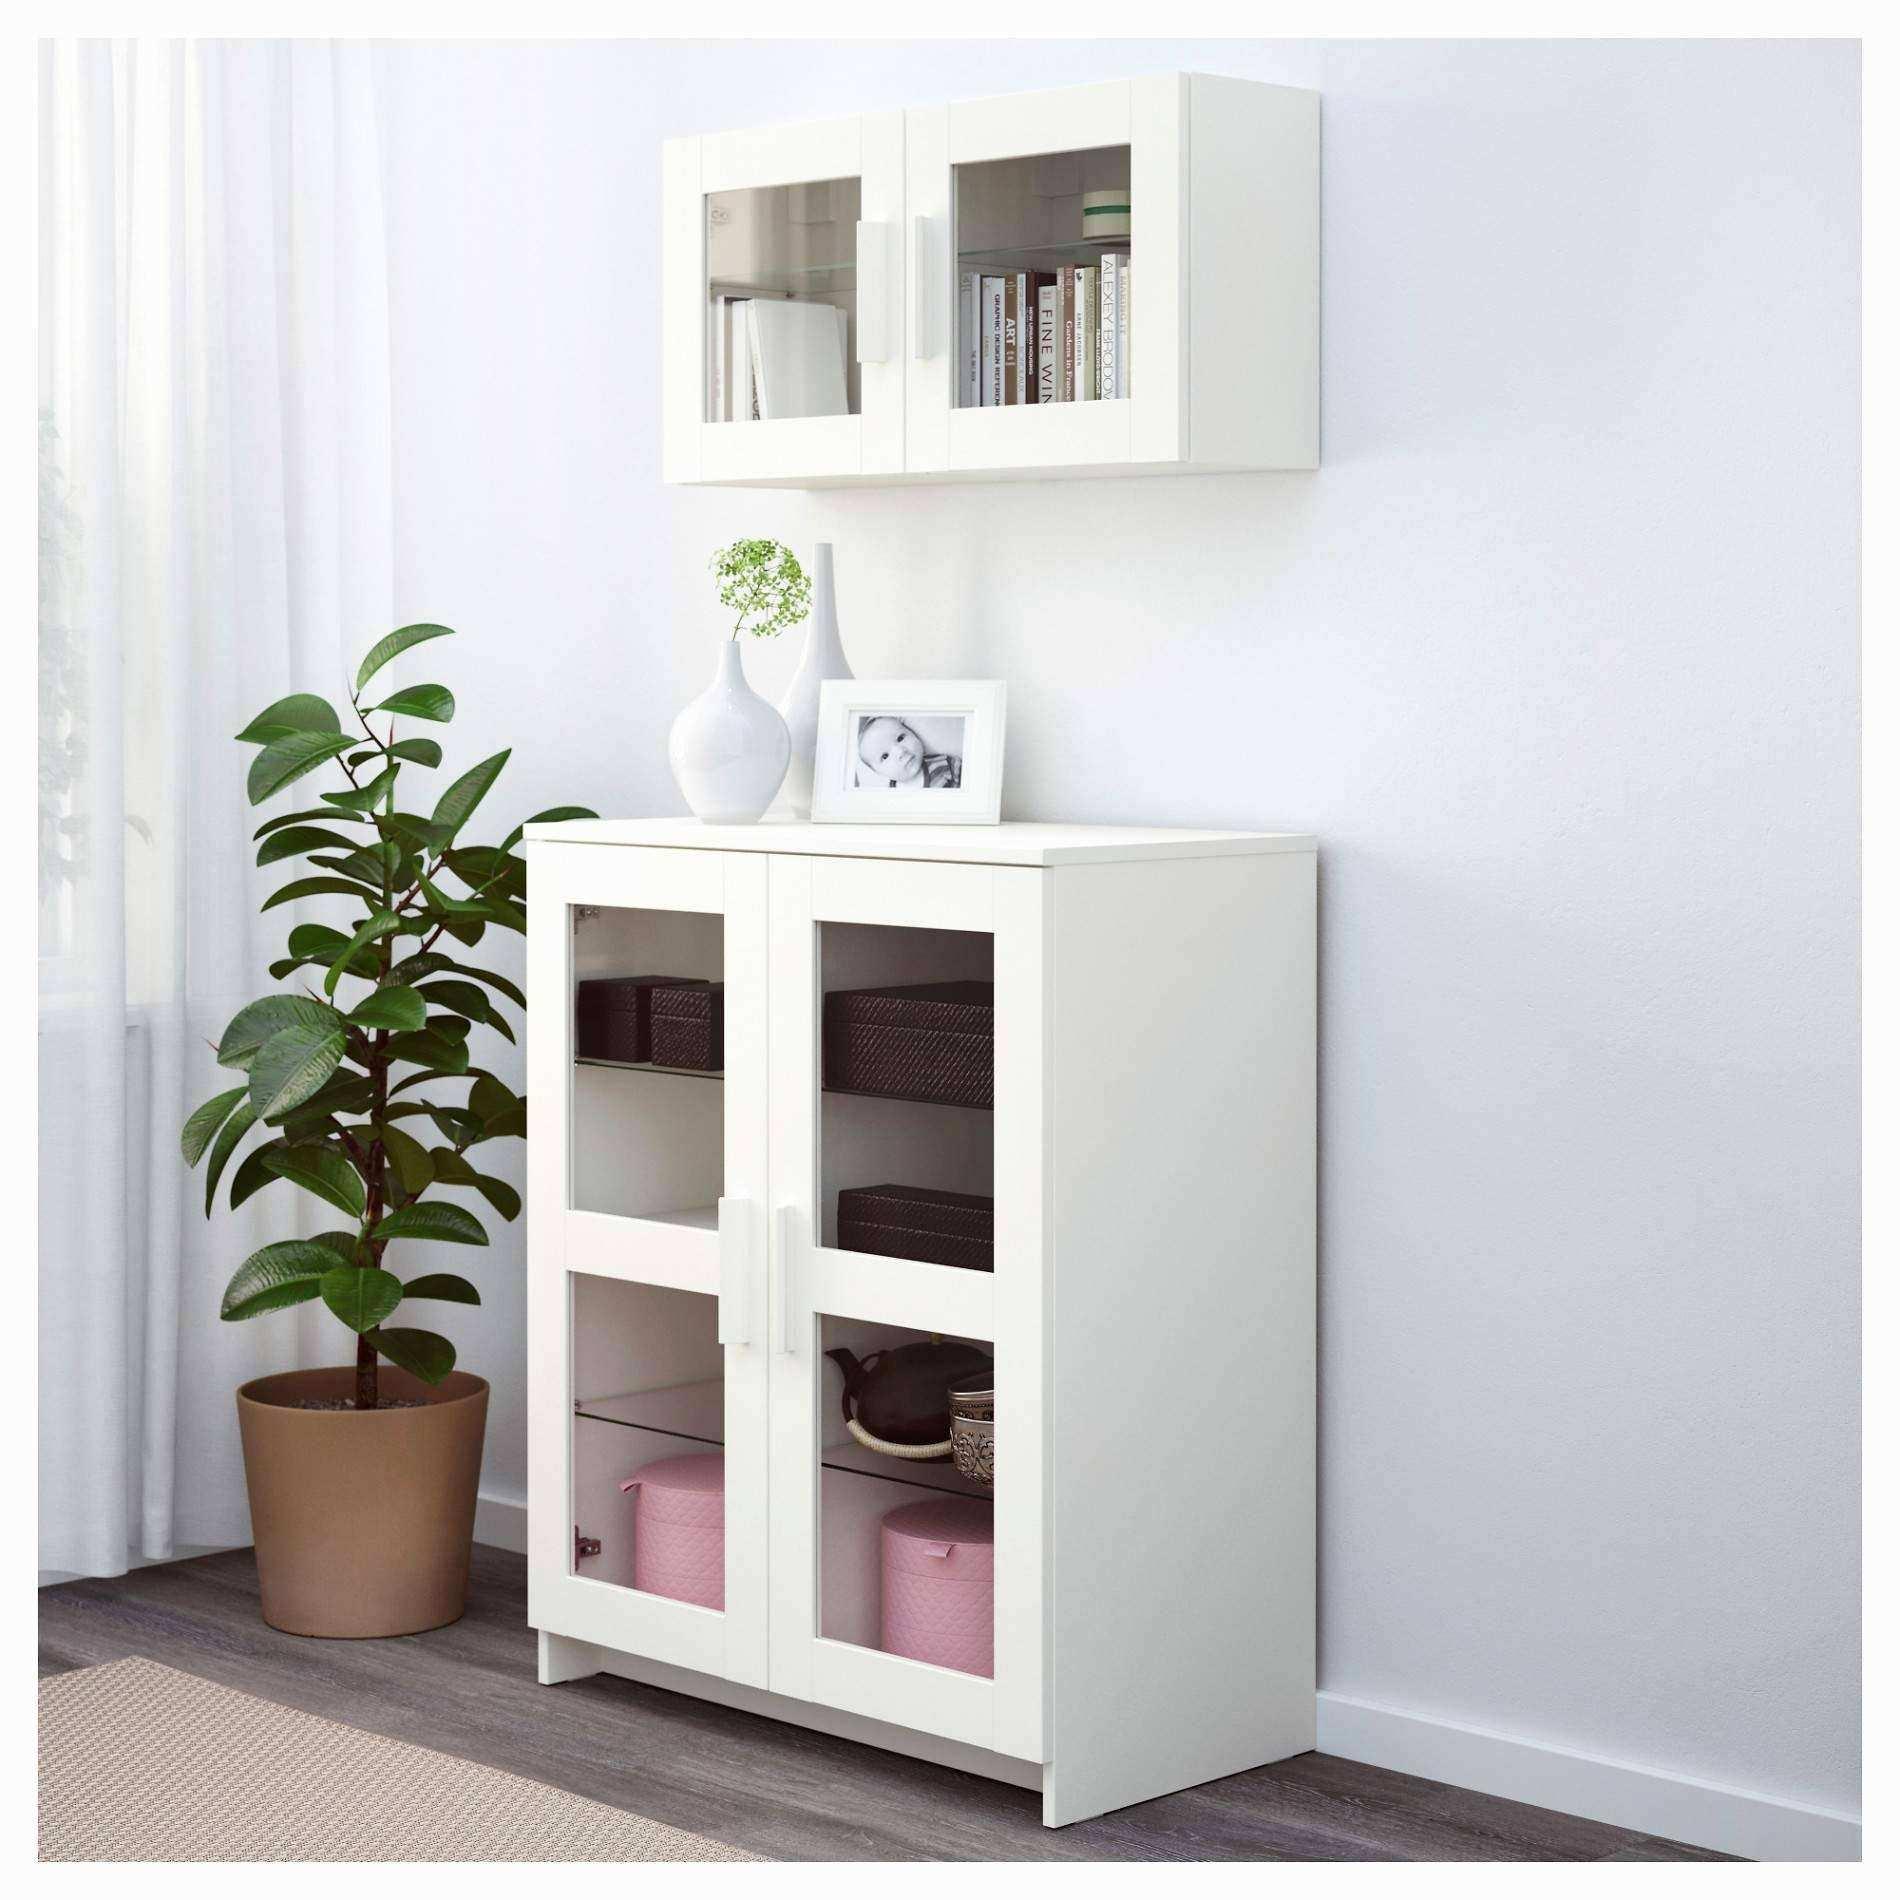 deko bilder wohnzimmer schon holz dekoration wohnzimmer frische wohnzimmer eckschrank 0d of deko bilder wohnzimmer